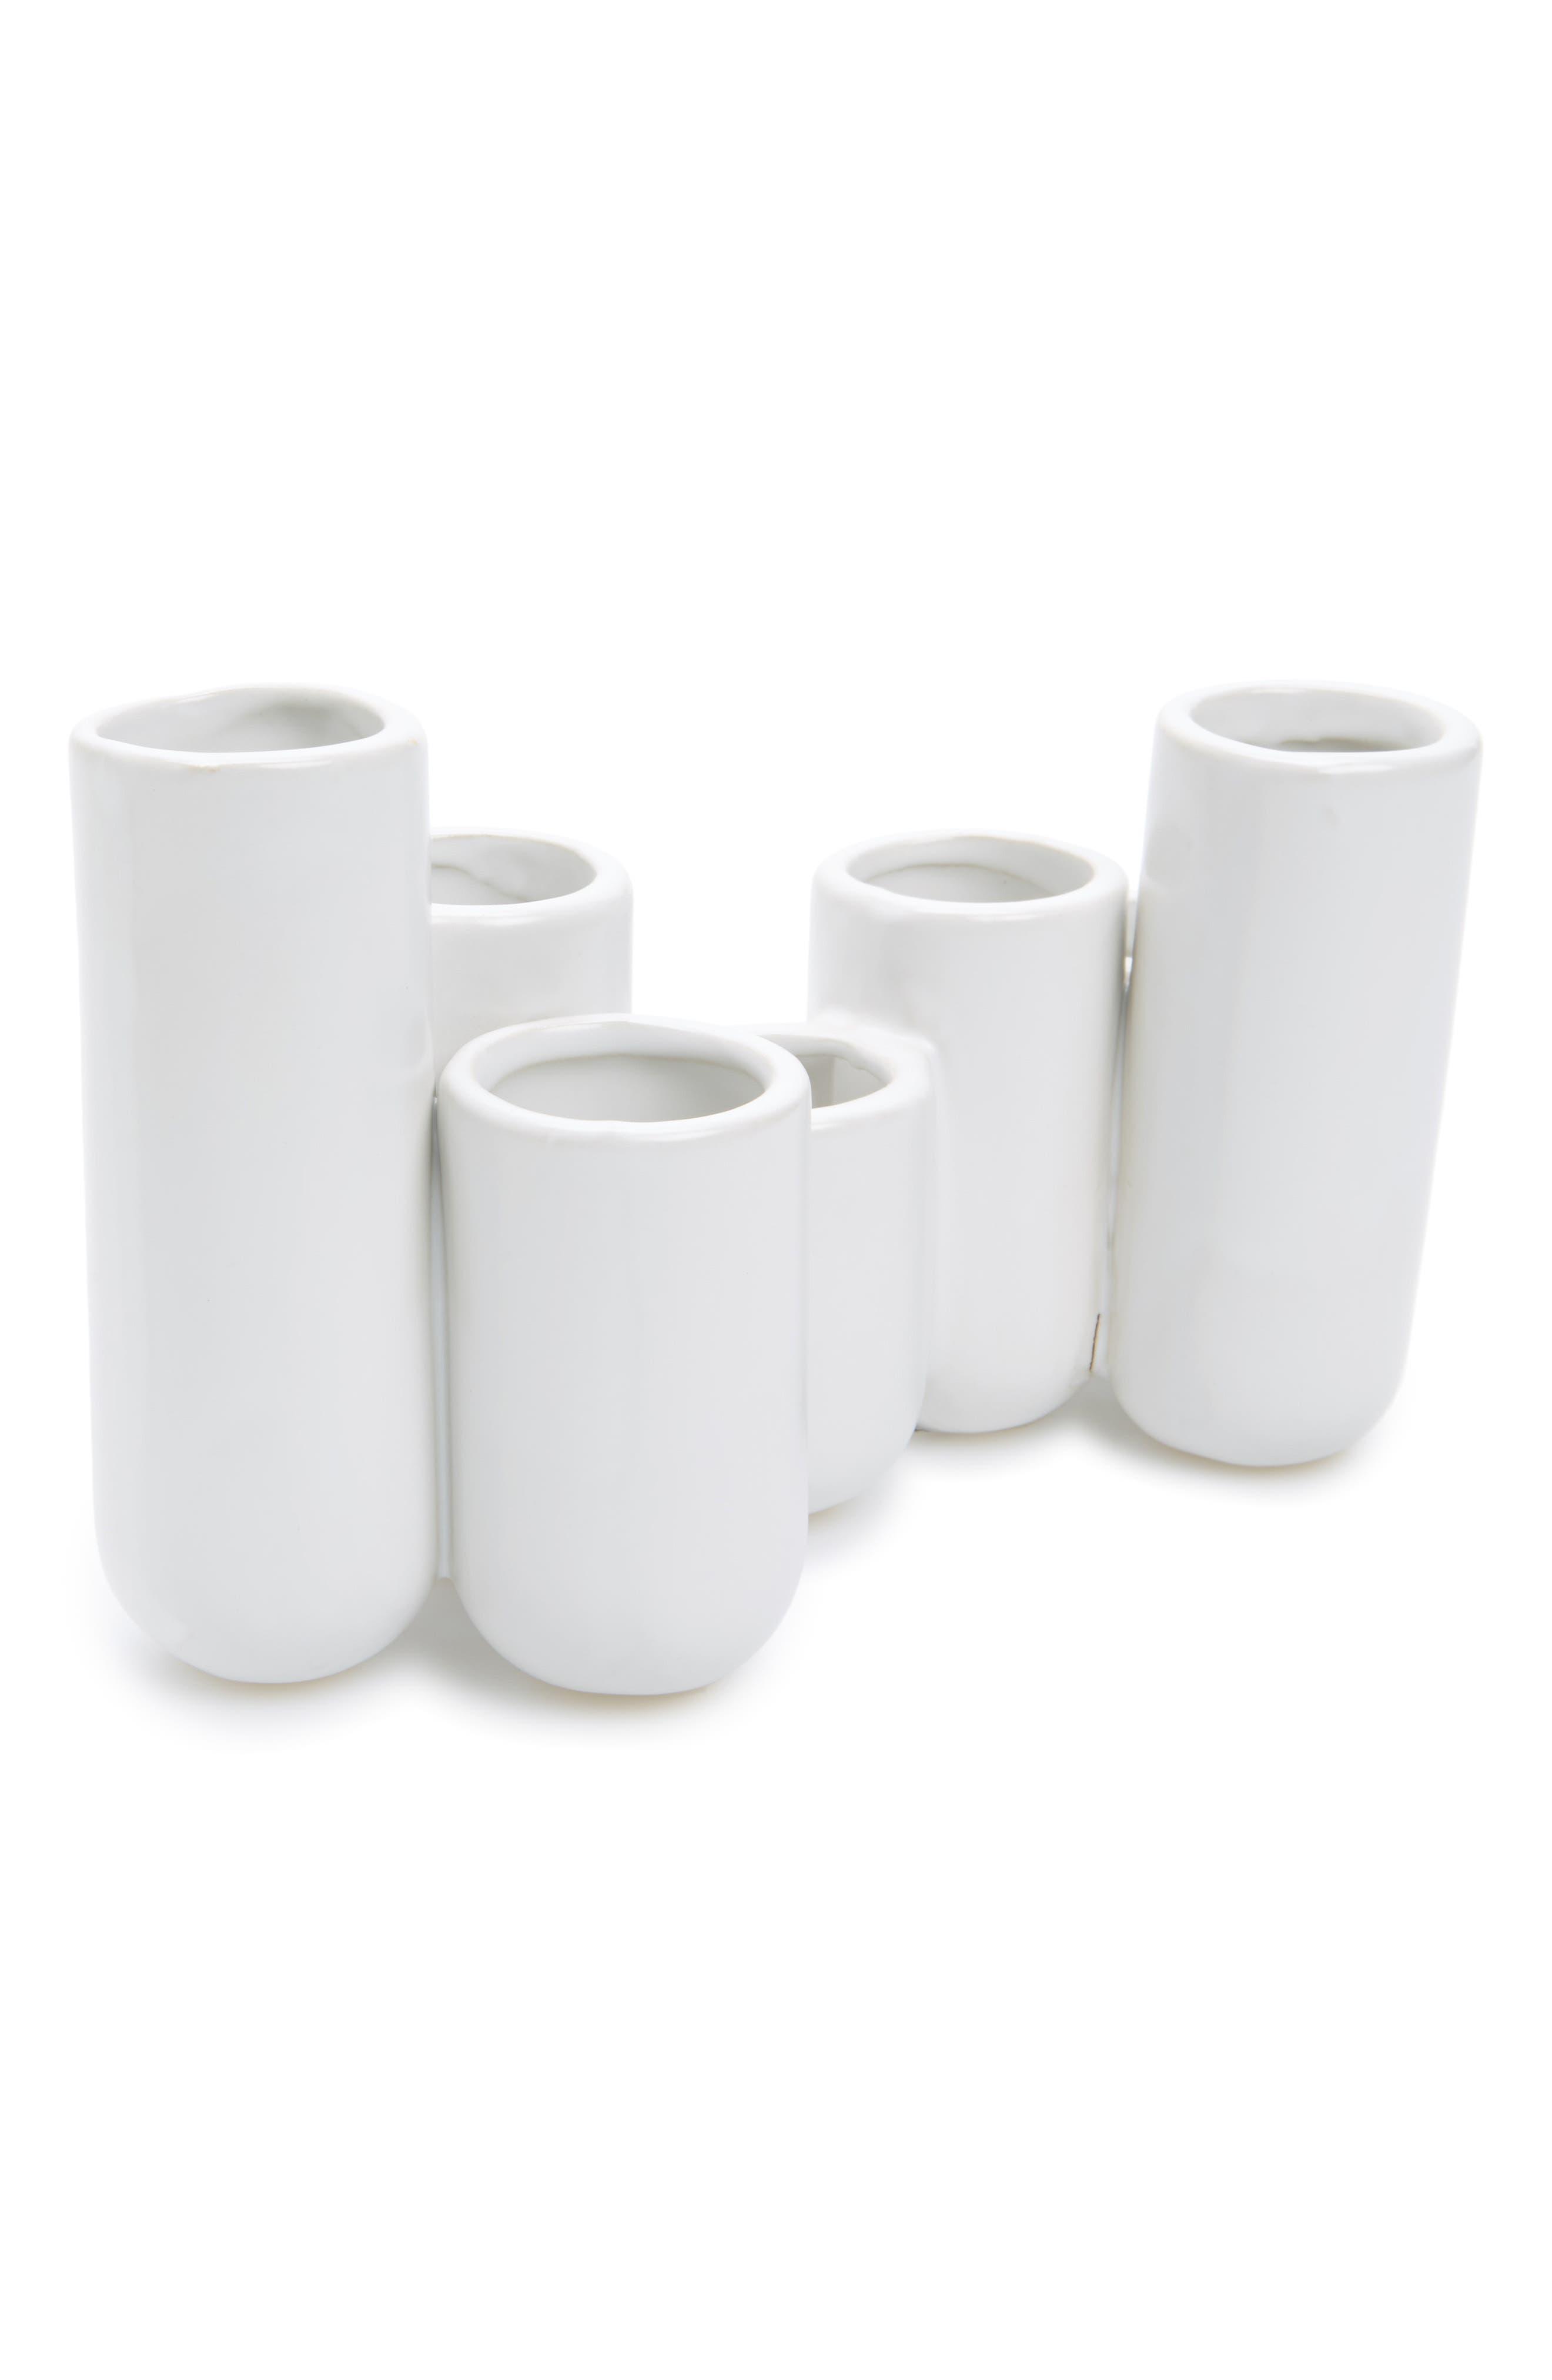 Multi Container Ceramic Bud Vase,                         Main,                         color, Matte White